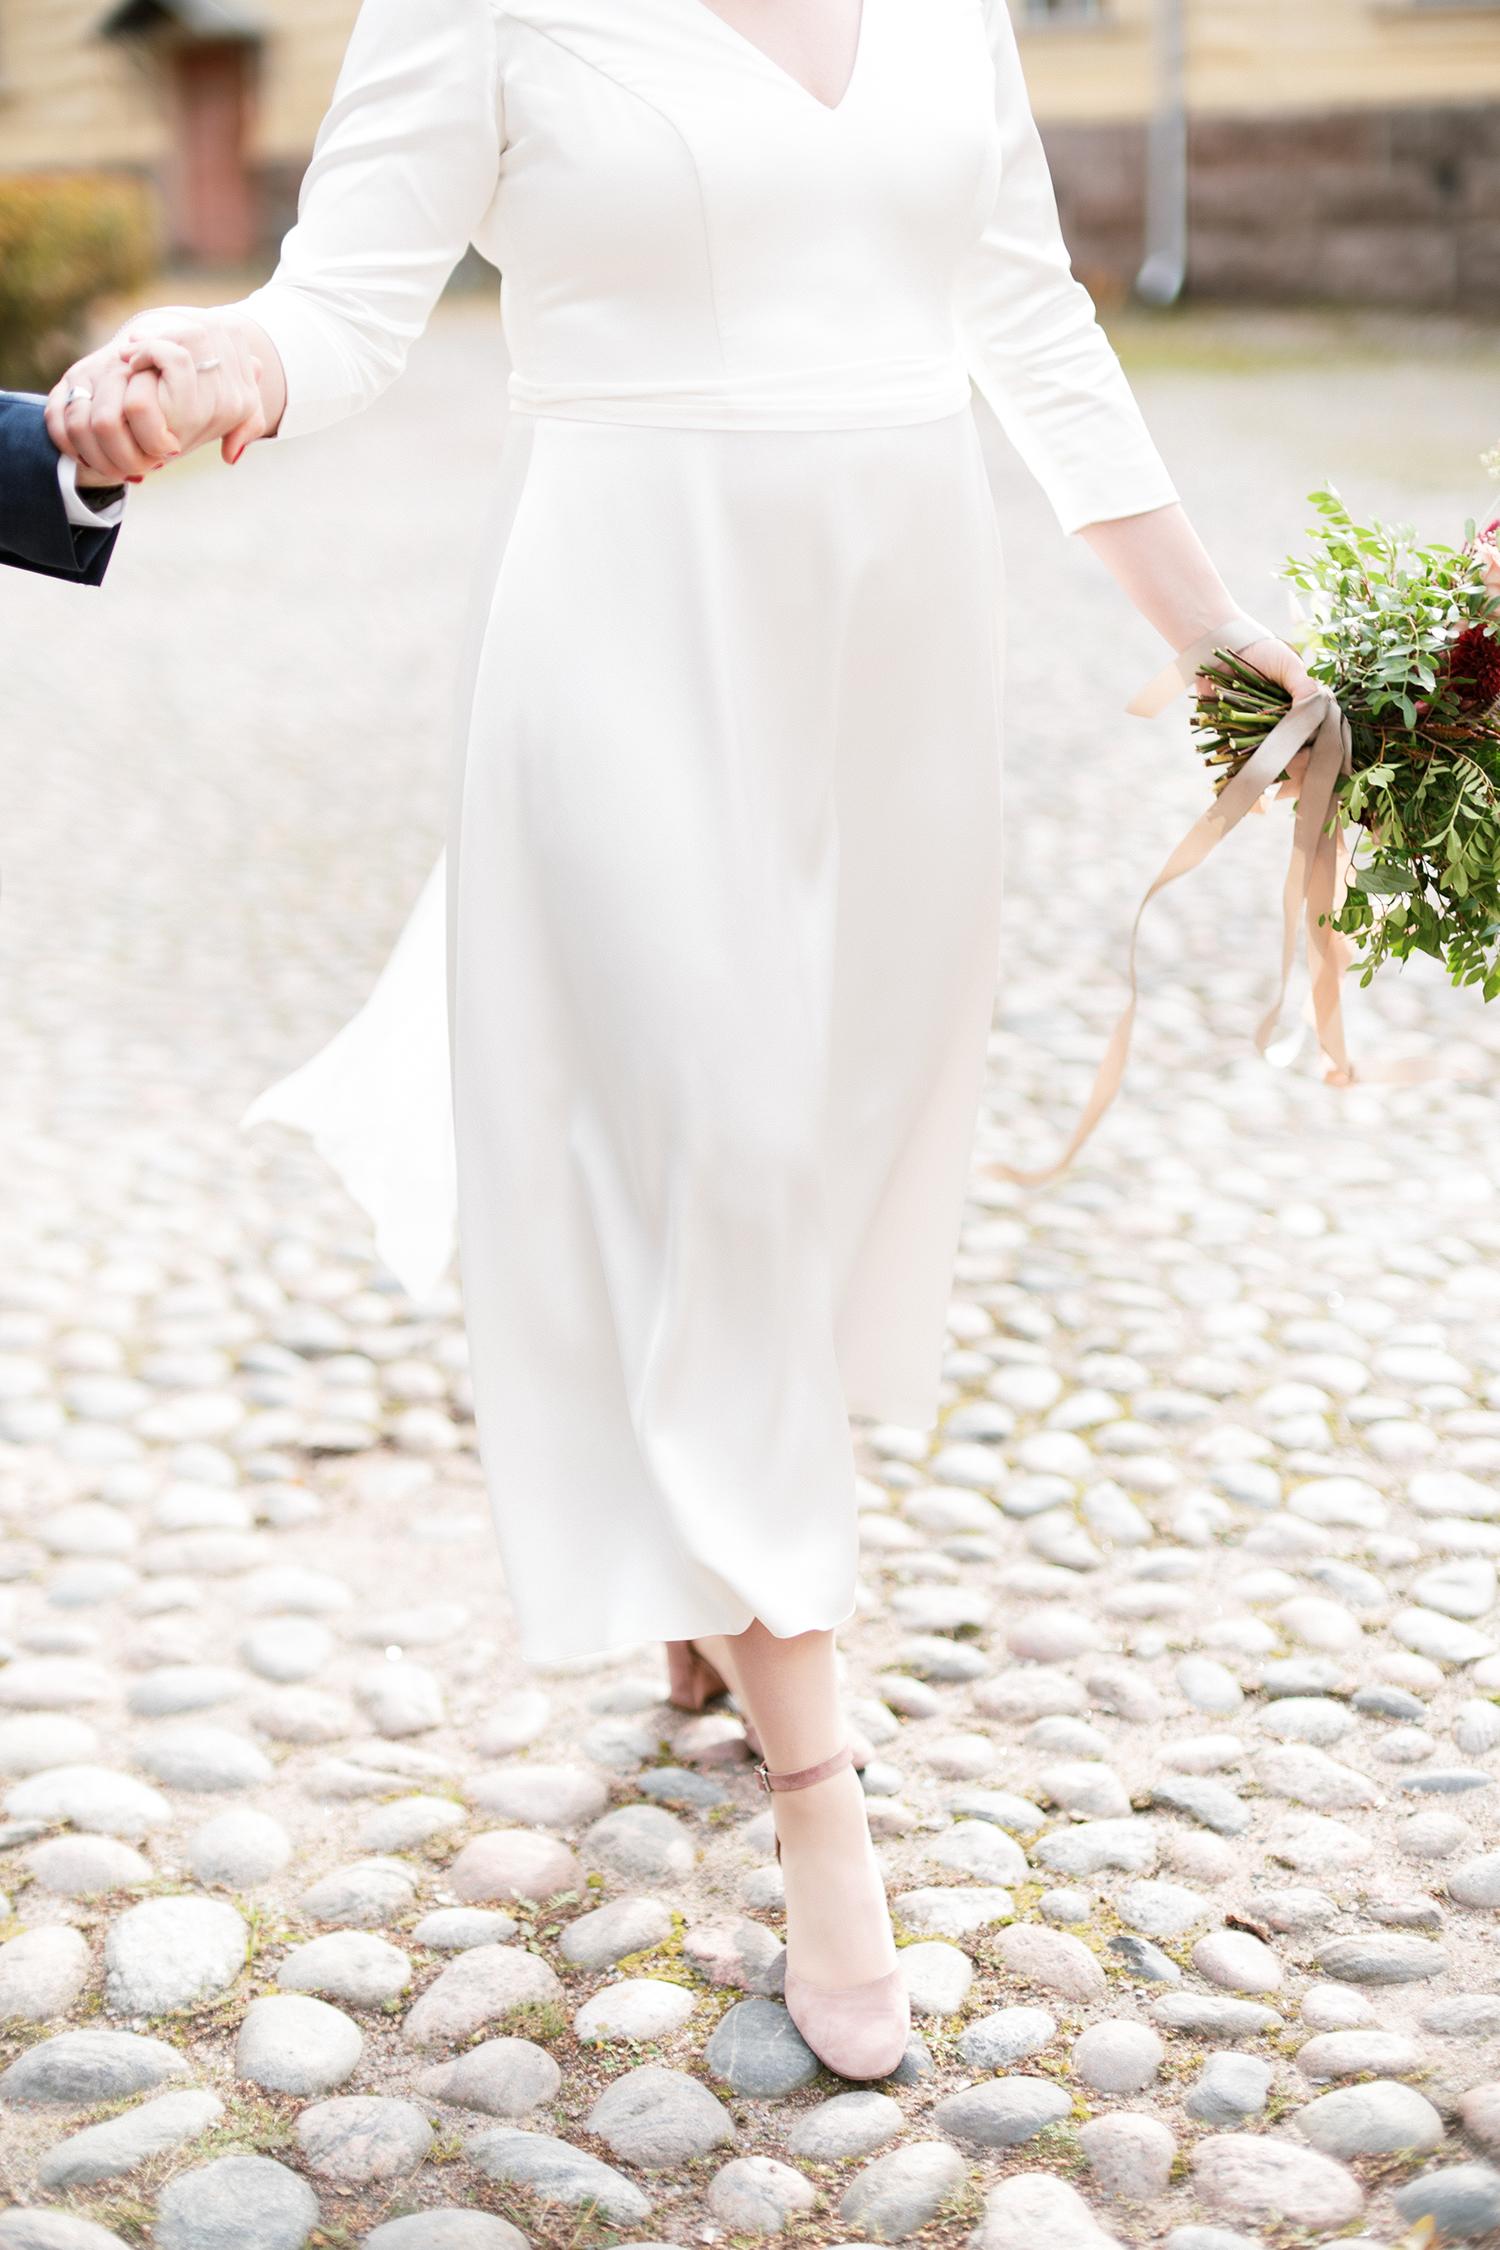 Sofie & Max's Autumn Wedding in Myllysali, Tenalji von Fersen, Suomenlinna, Nord & Mae, Susanna Nordvall, Hääkuvaus, Hääkuvaaja, Dokumentaarinen hääkuvaus, Helsinki